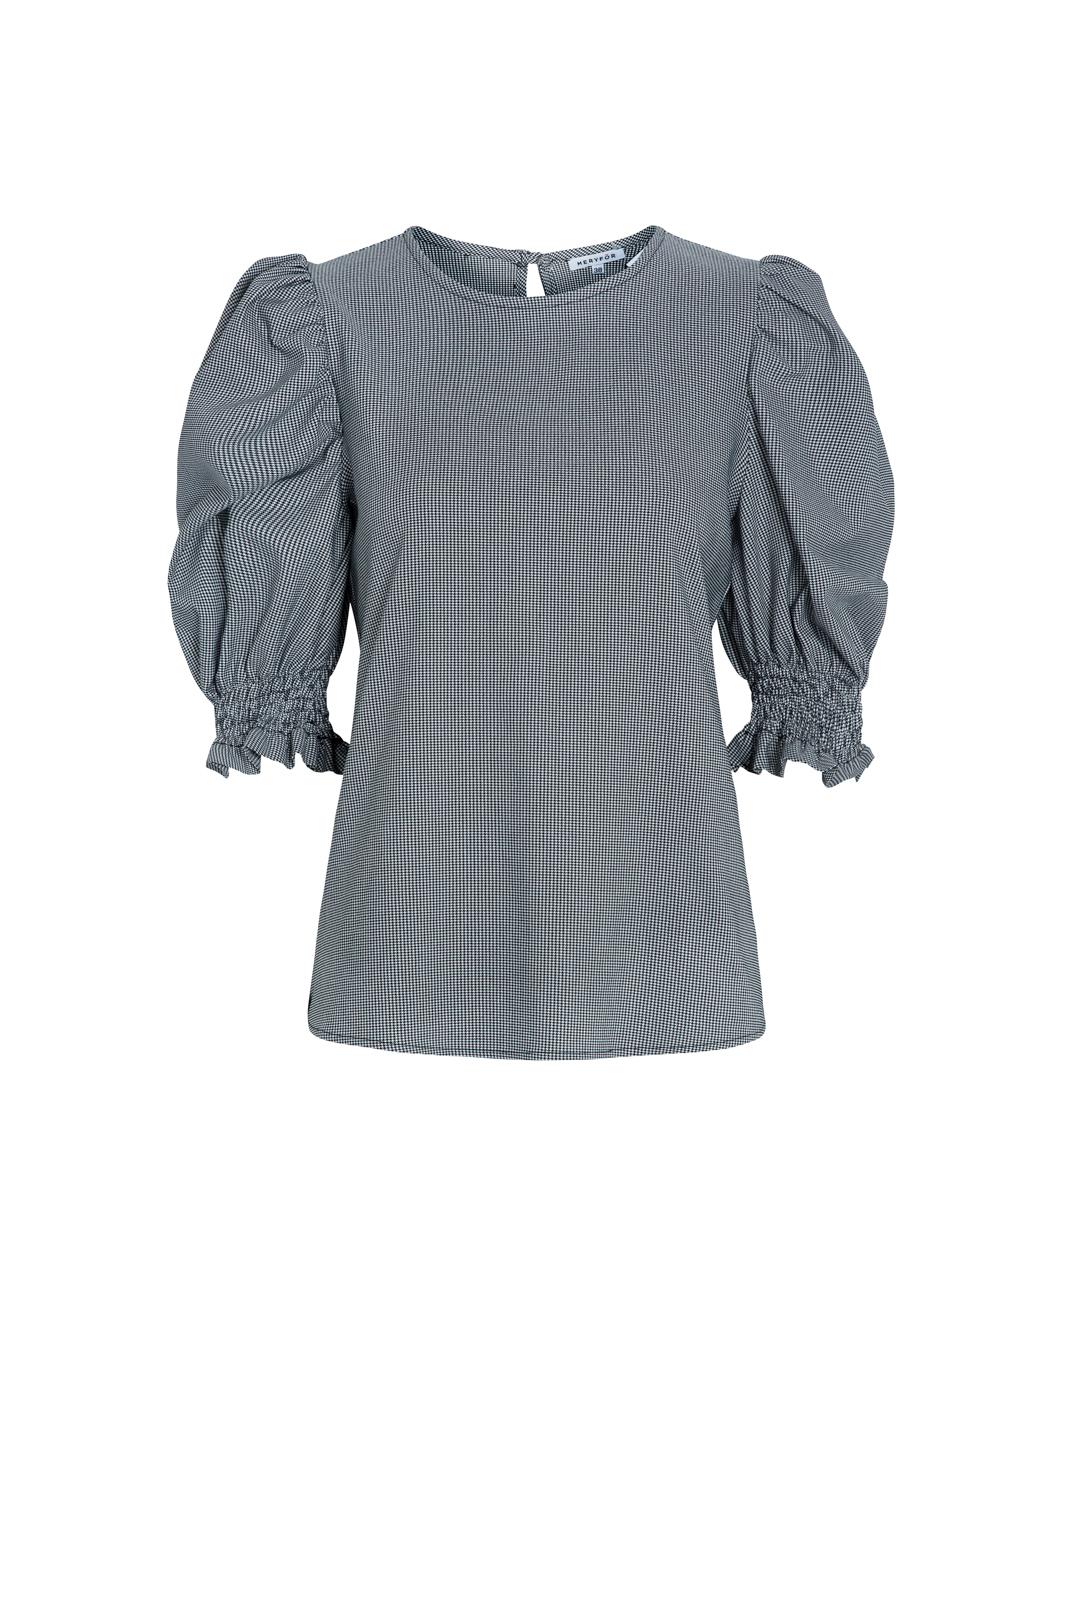 front - Camisa Fallon Vichy